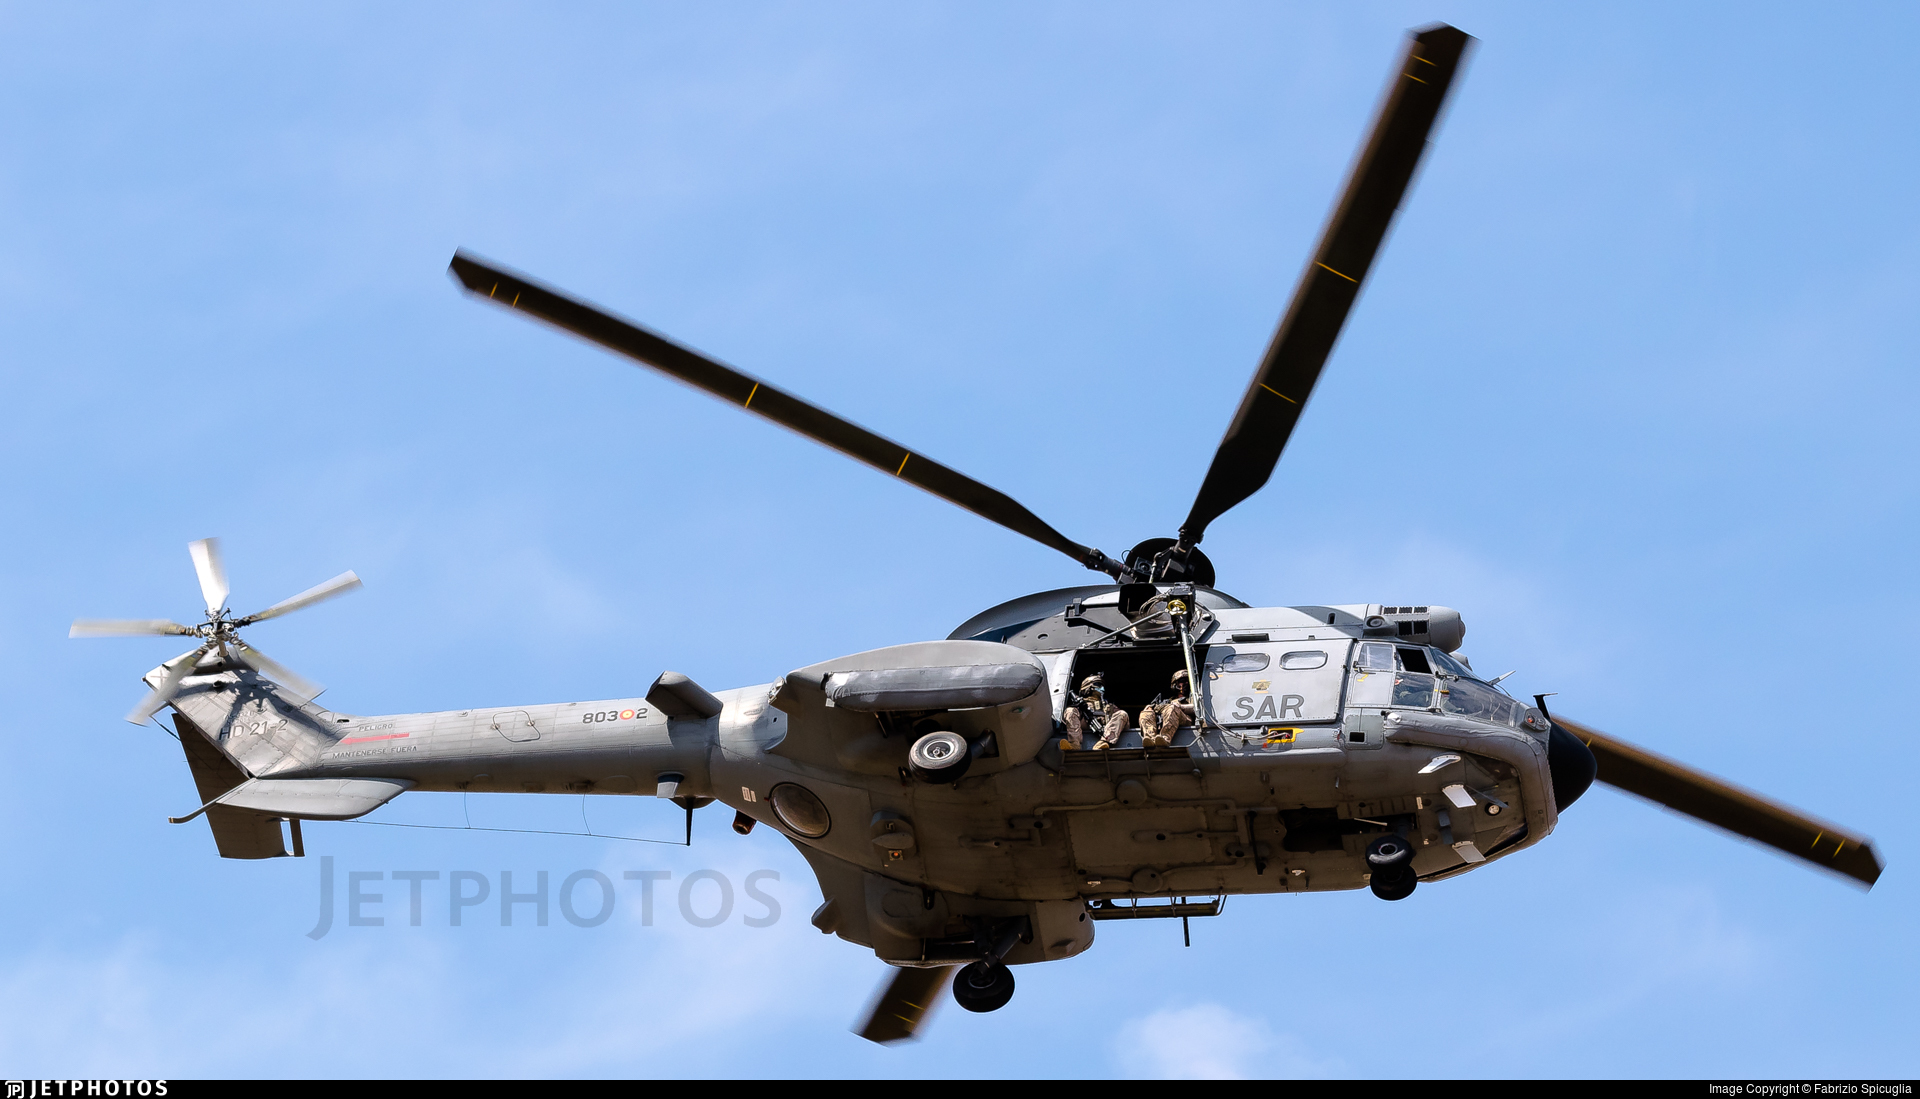 HD.21-2 - Aérospatiale AS 332 Super Puma - Spain - Air Force